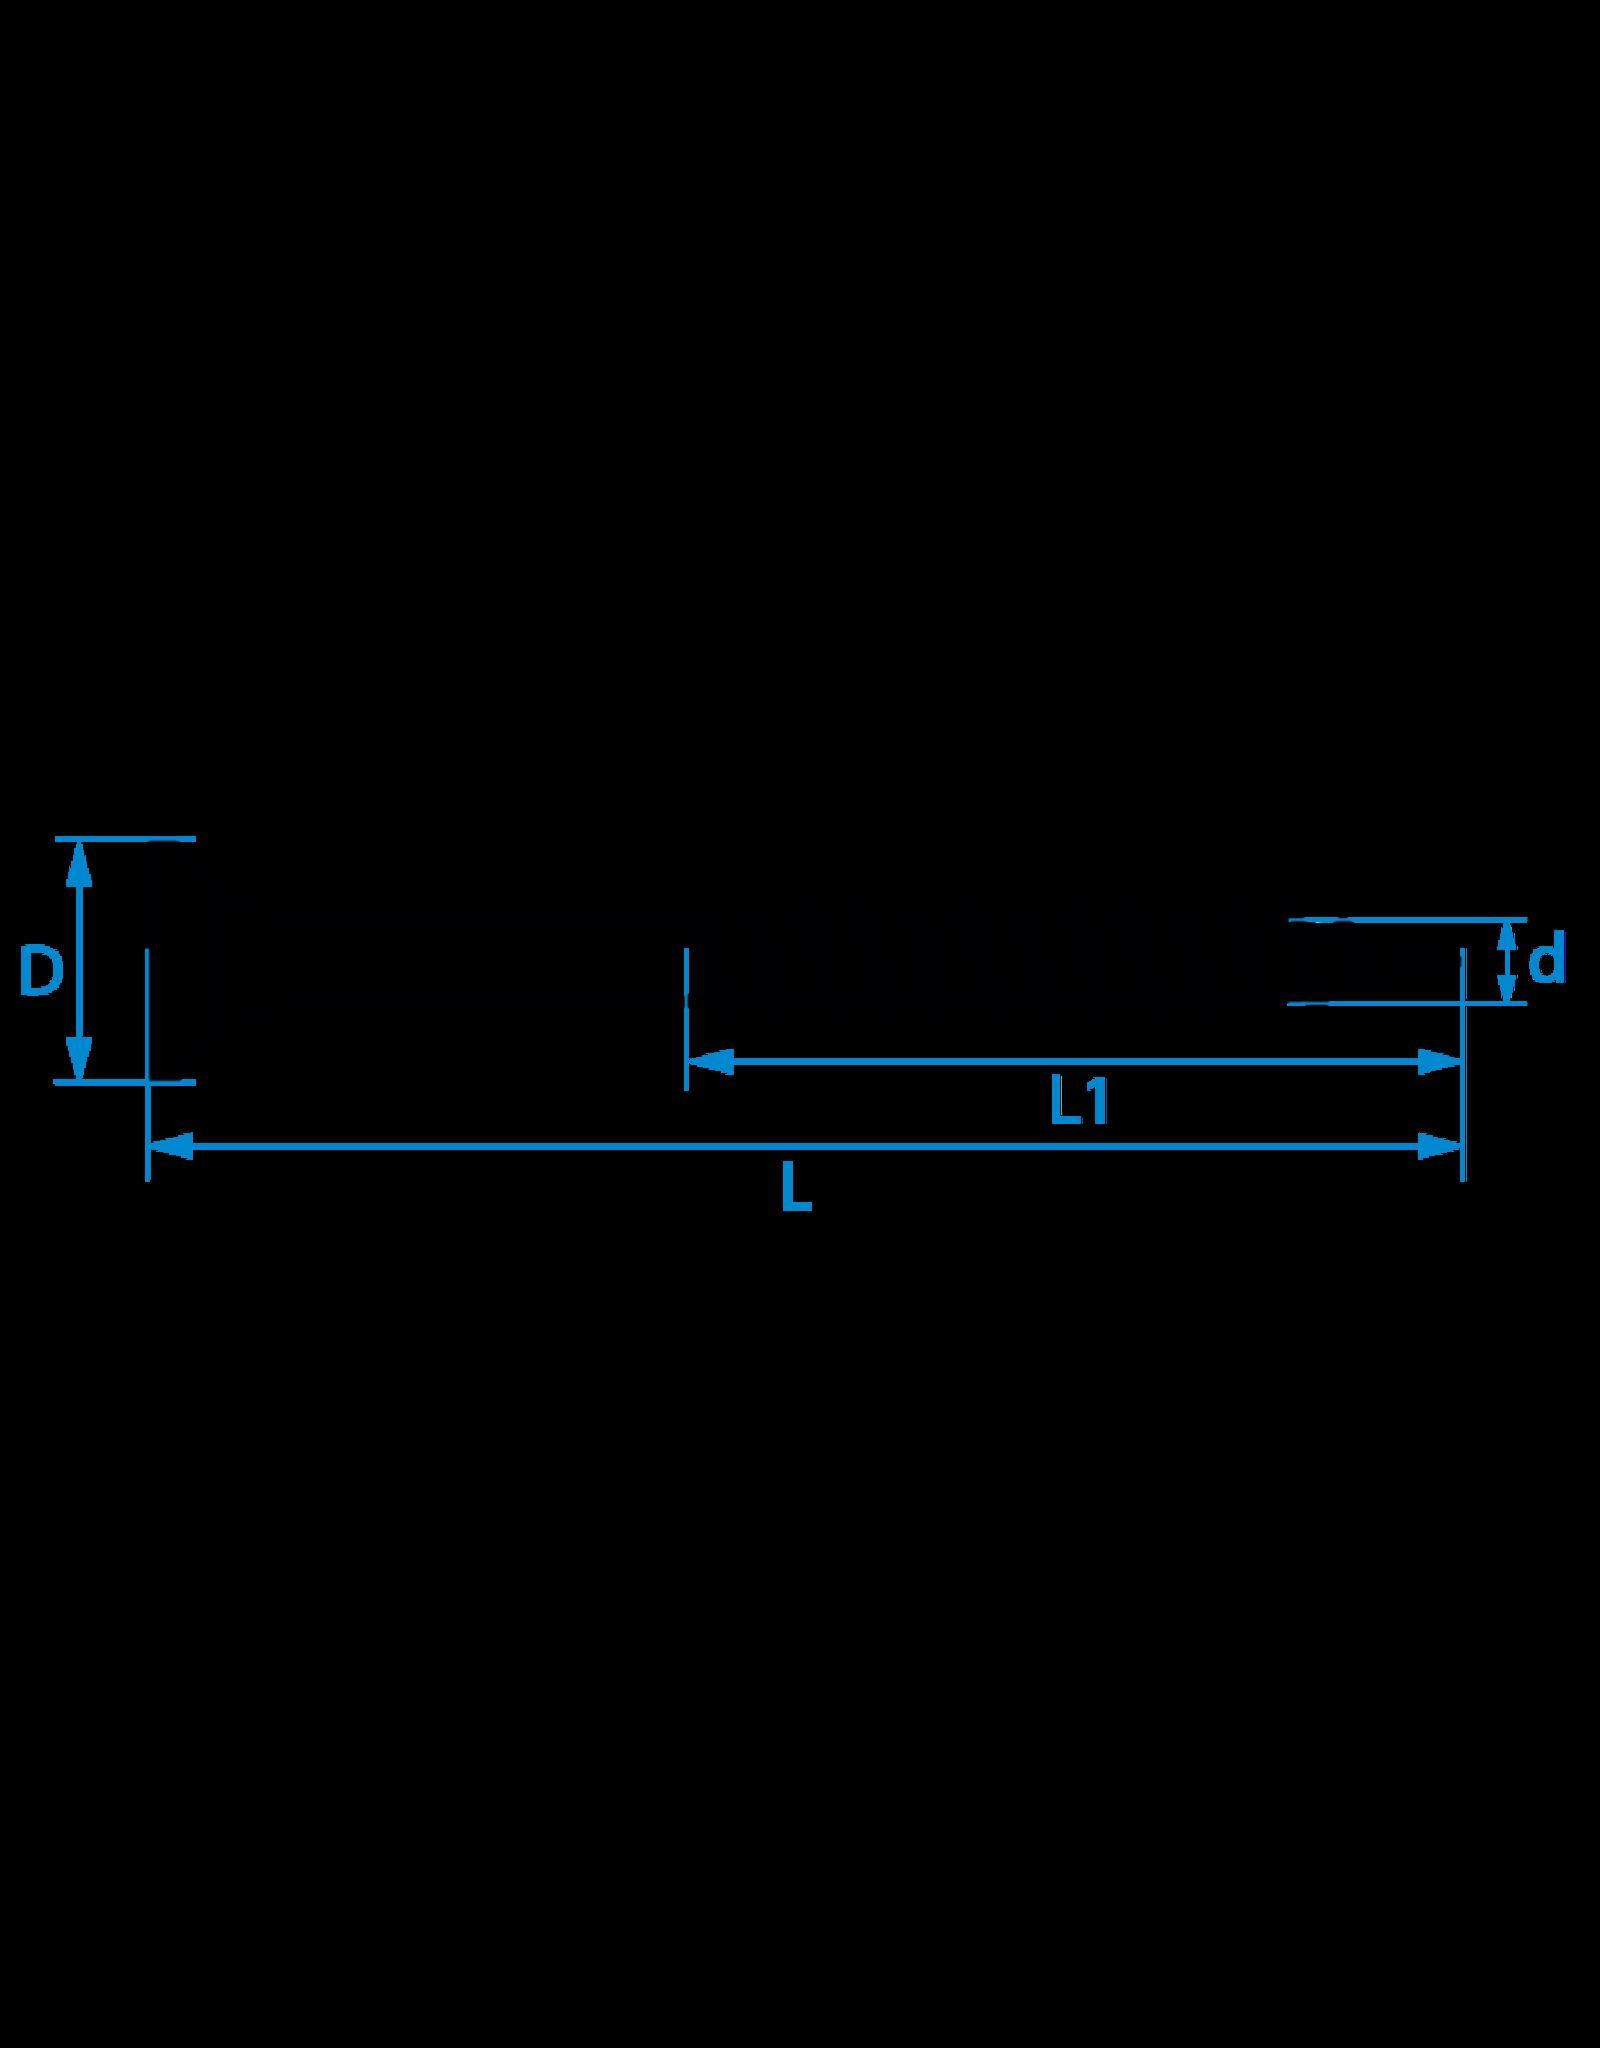 Spaanplaatschroeven platkop 4.5x30 TX-20 staal gehard verzinkt per 200 stuks